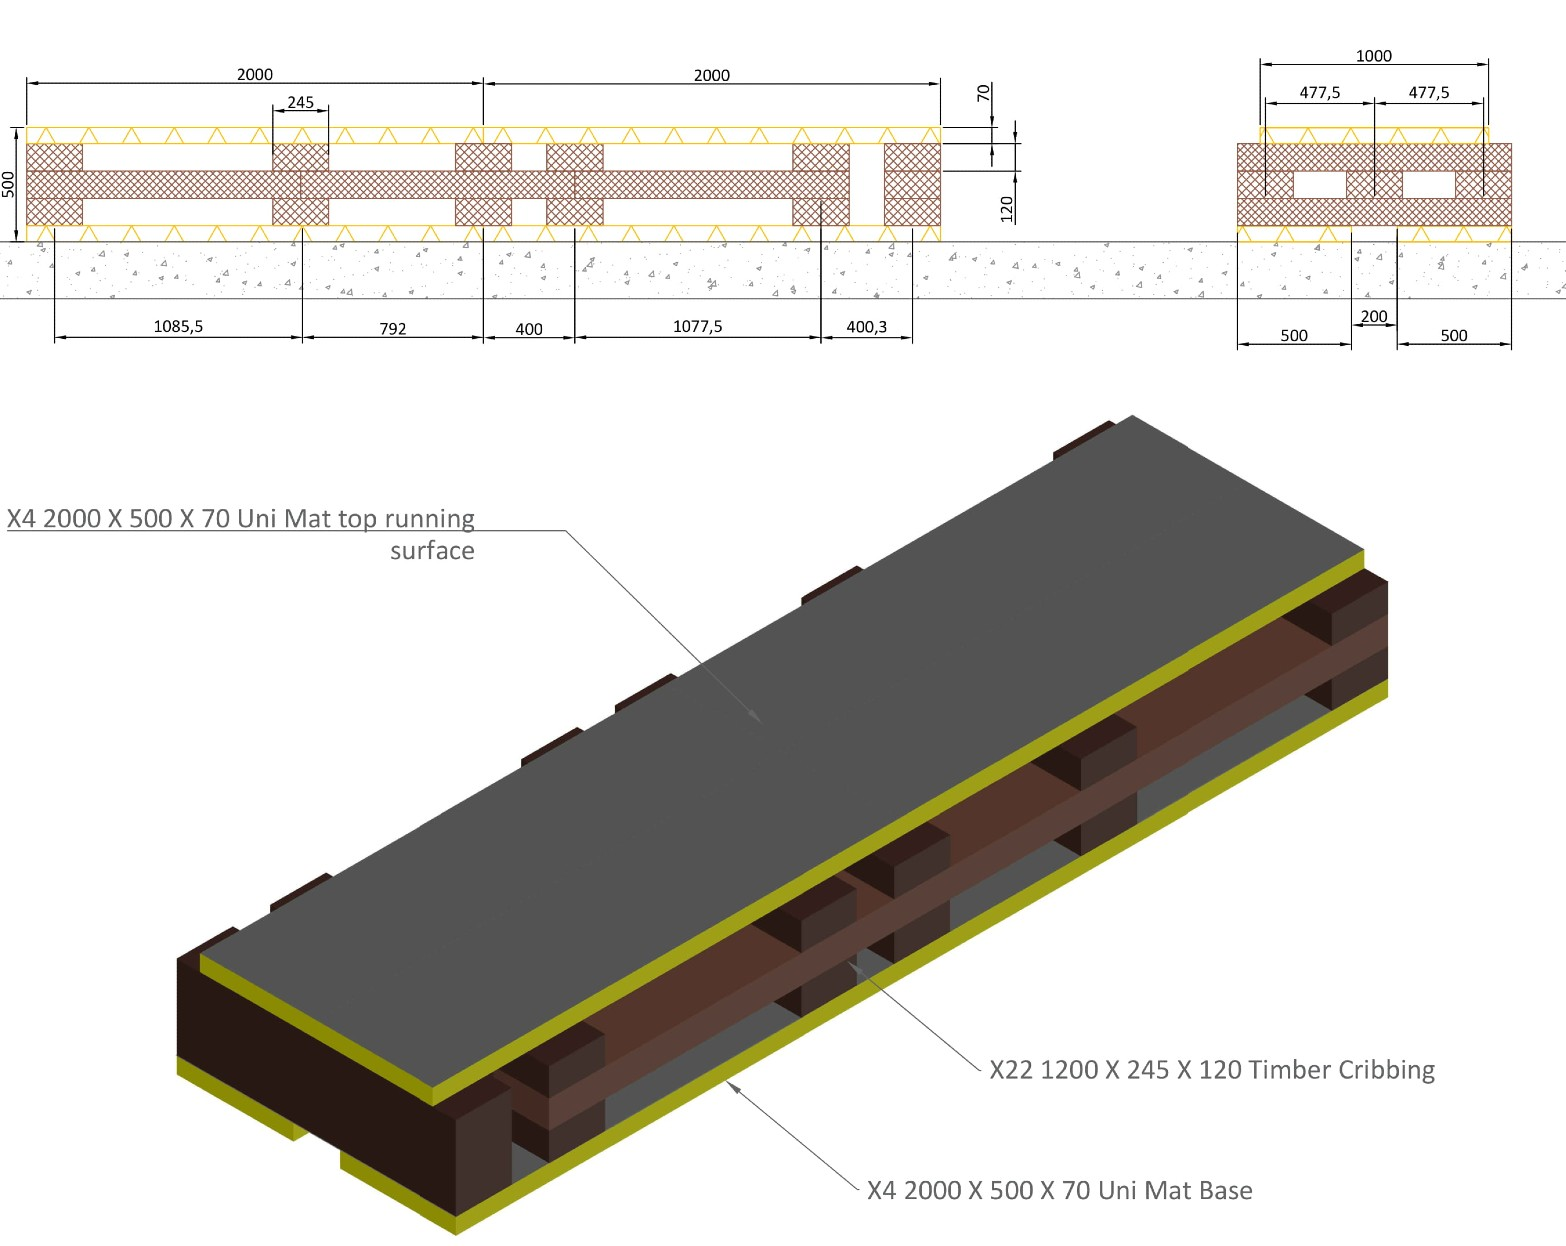 MCH-I-GTLC-RAFM-AHUCP-001-1 (1)